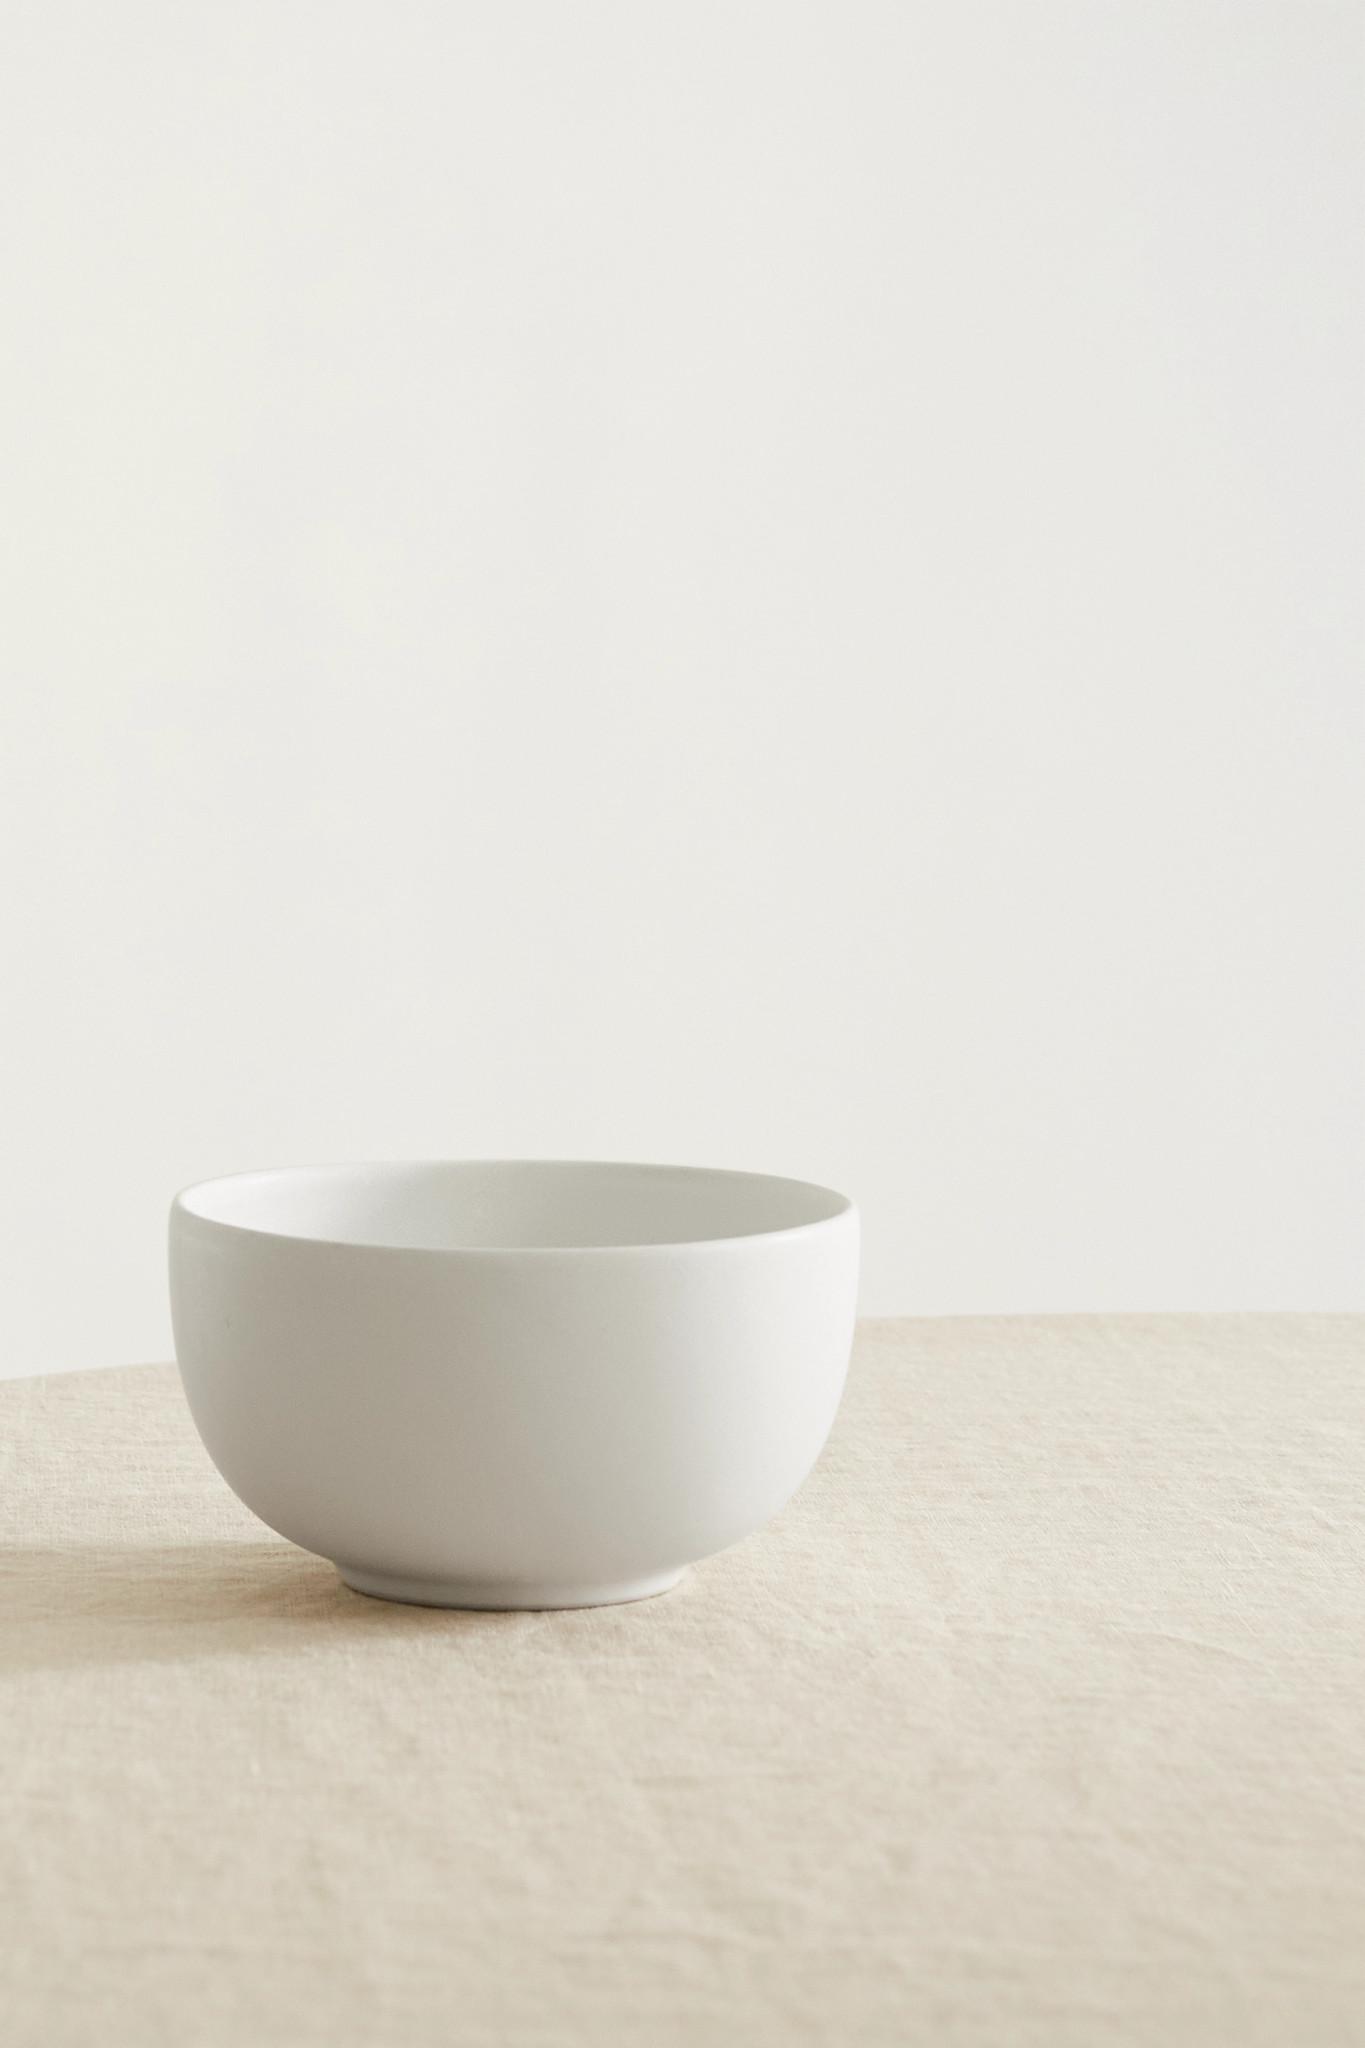 L'OBJET - Terra Porcelain Cereal Bowl - Off-white - one size